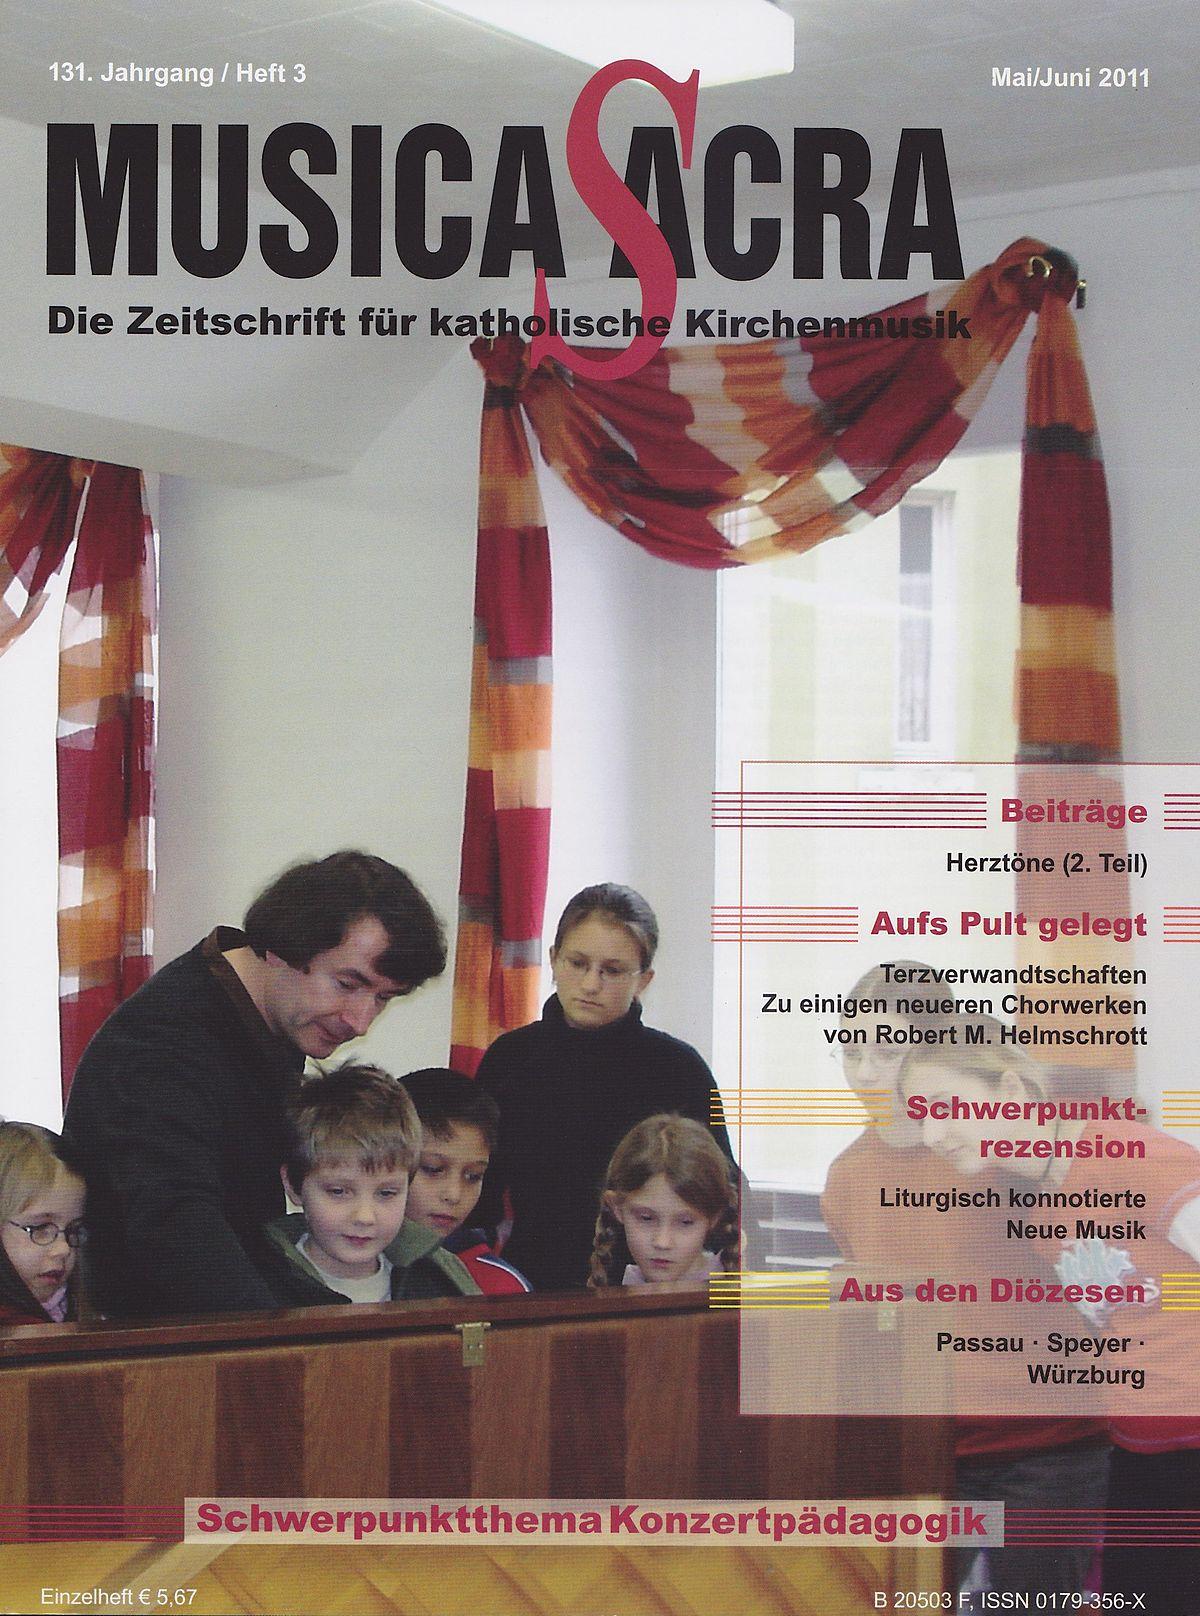 Musica sacra (Zeitschrift) – Wikipedia